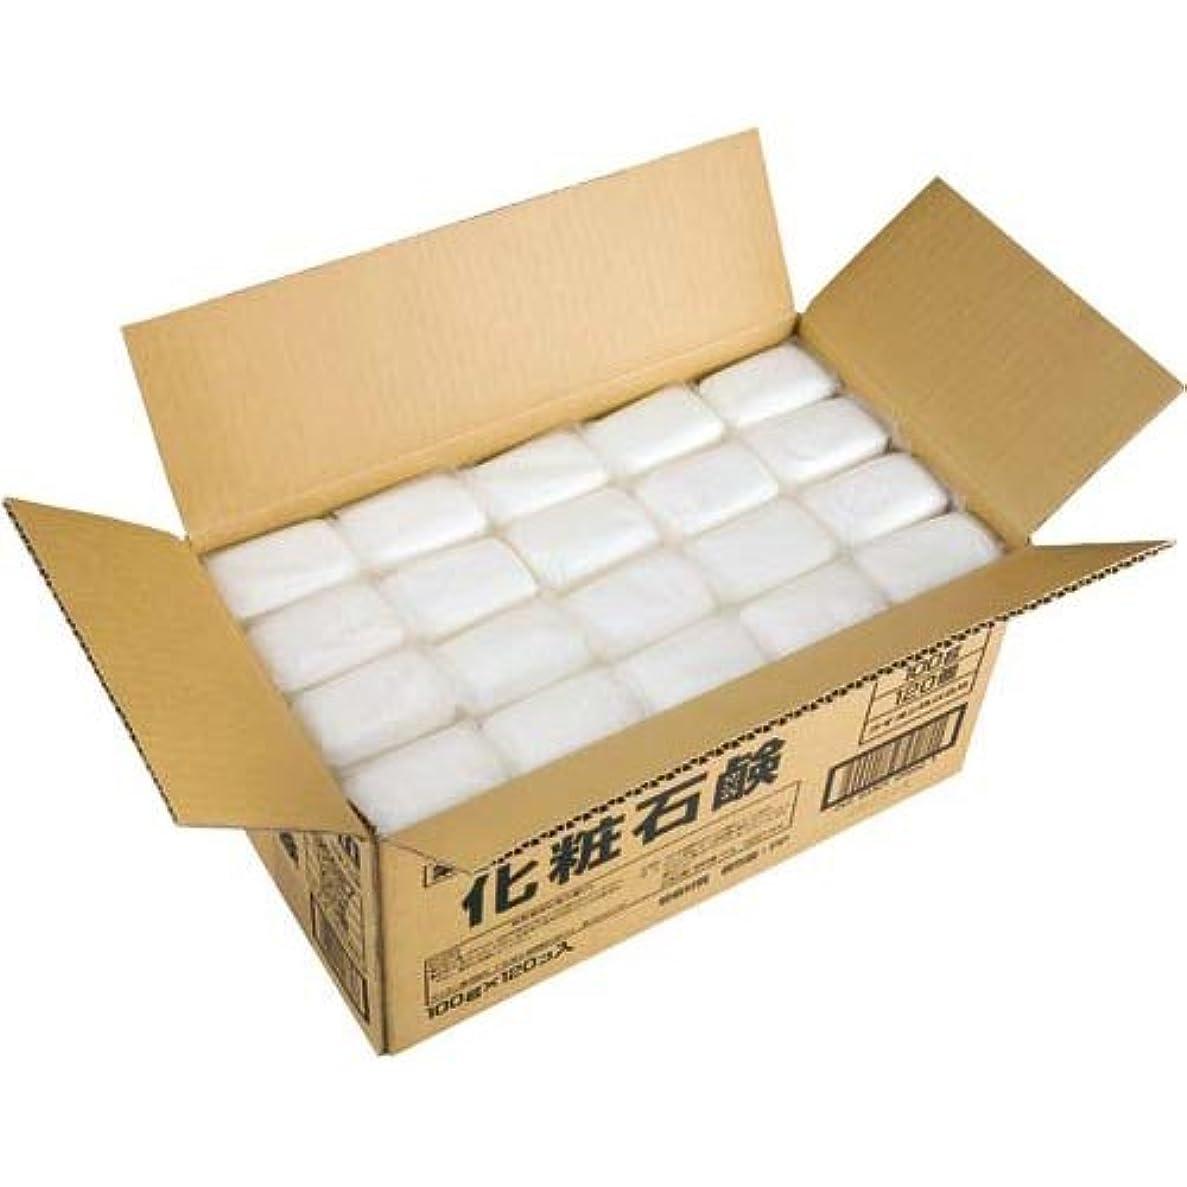 広まった展開するむちゃくちゃライオン 植物物語 化粧石鹸 (100g×120入)